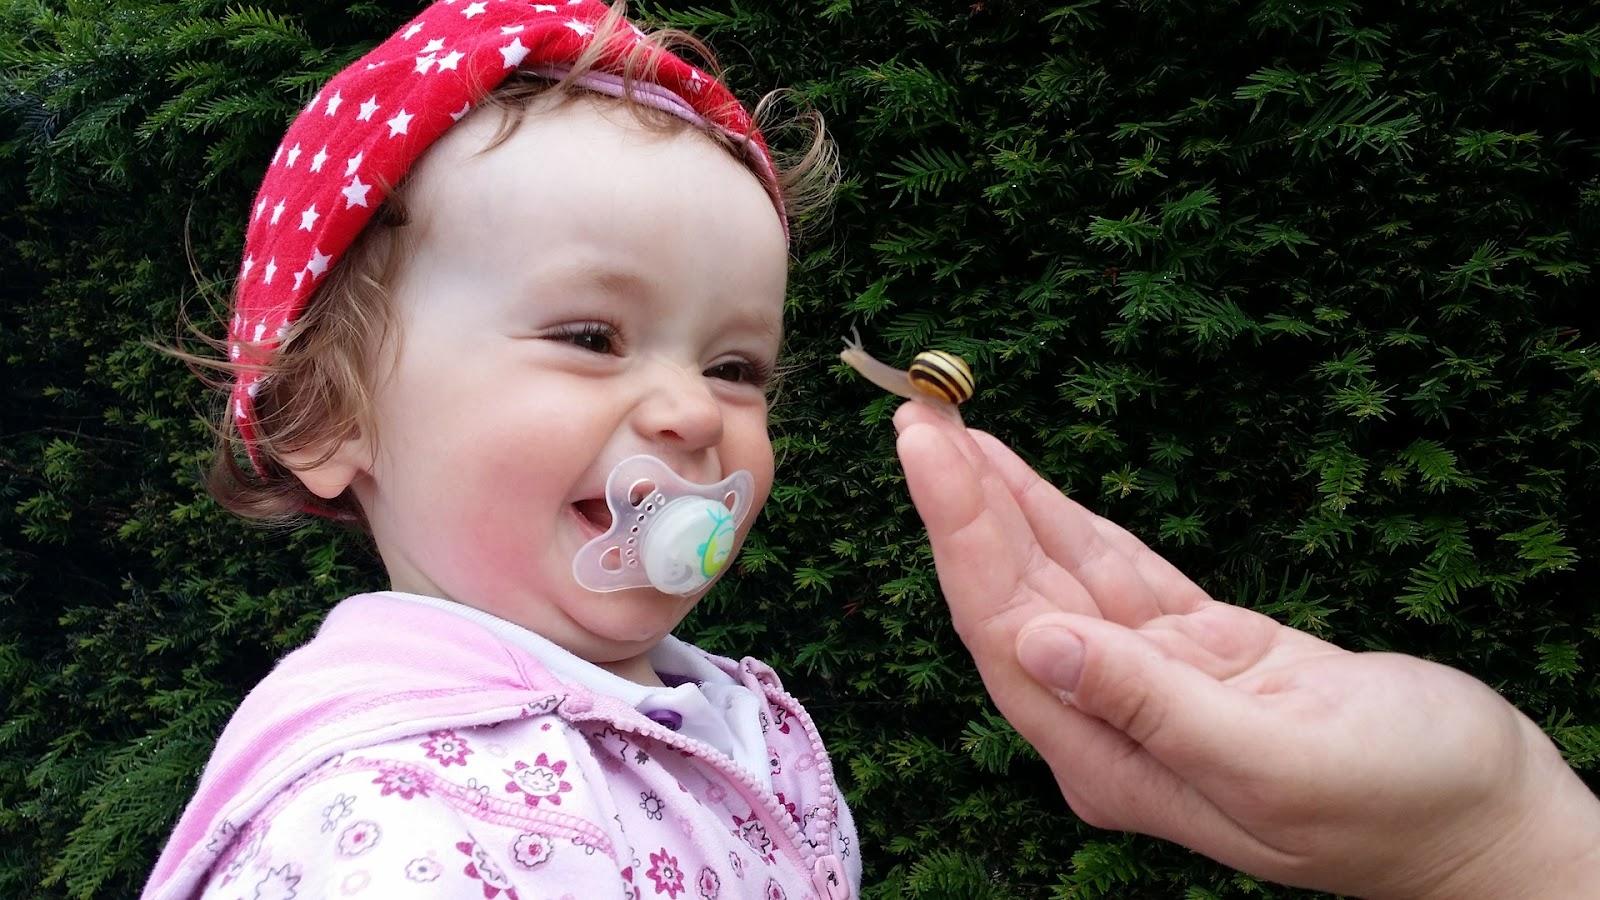 comment être heureux, comment trouver le bonheur,sourire d'enfant, joie, moment de bonheur